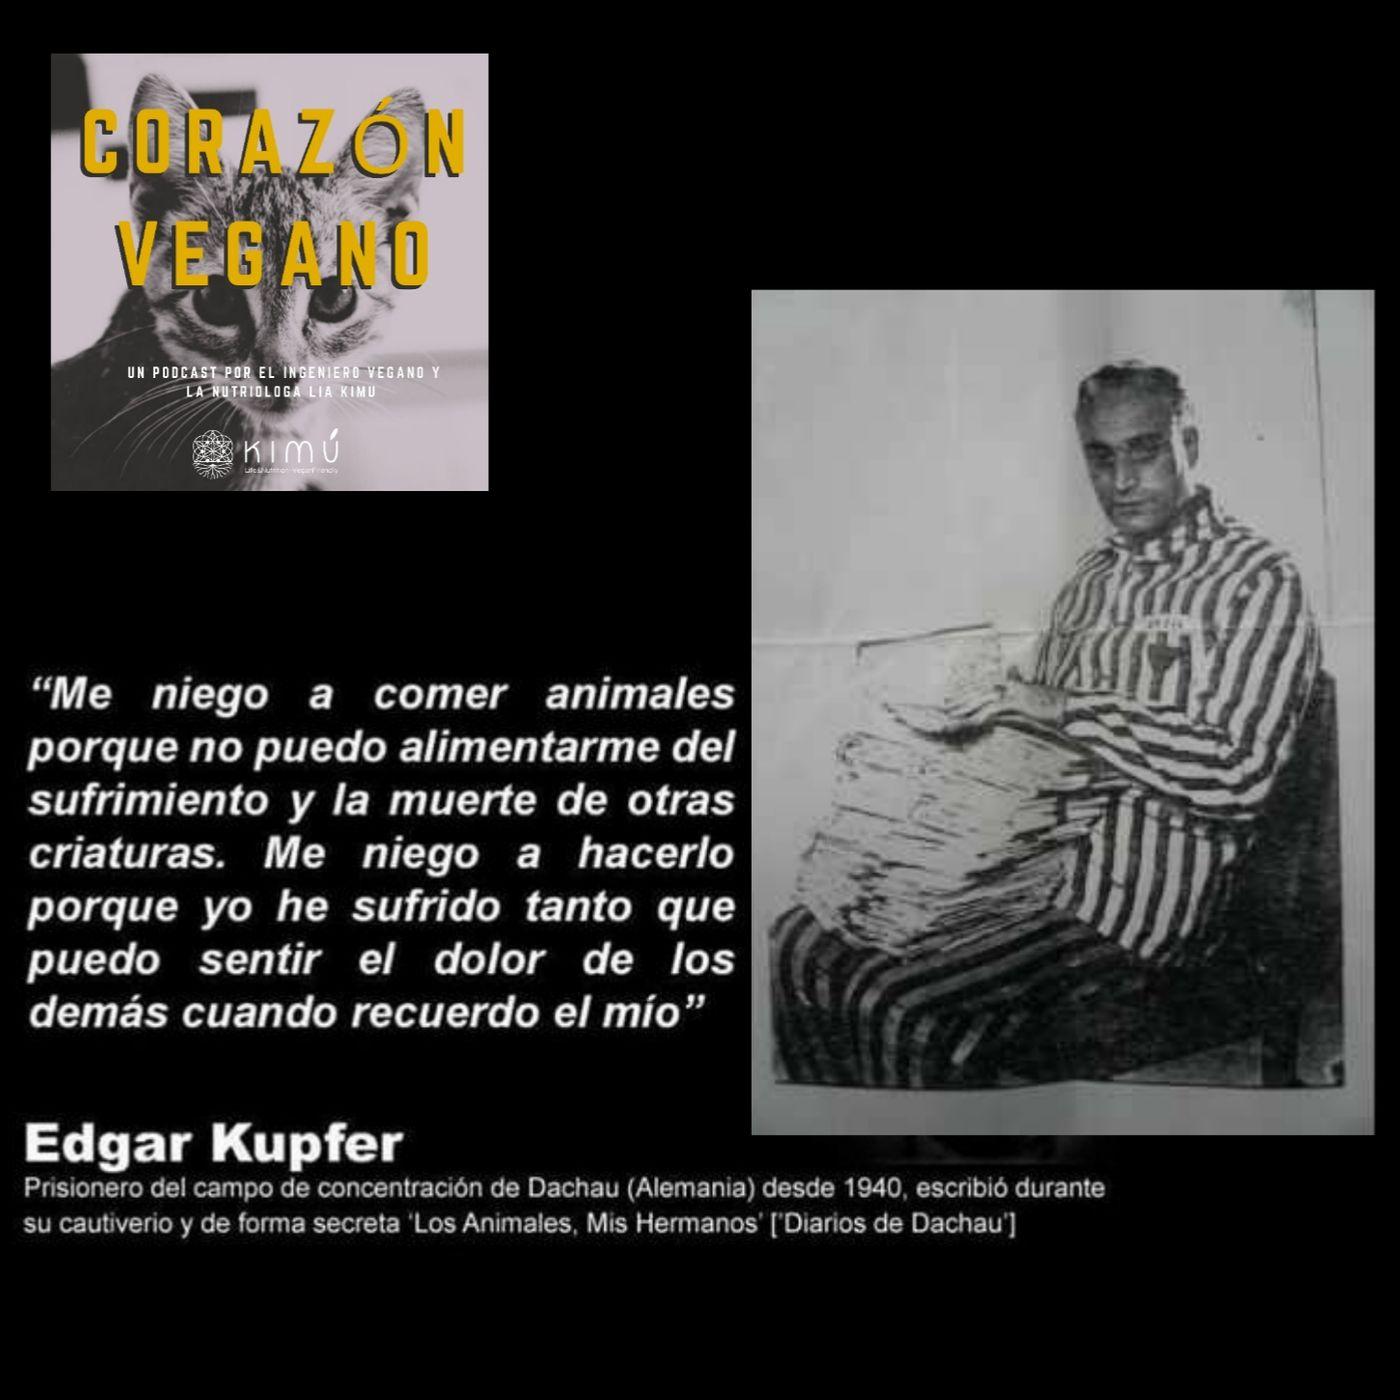 Ep.20 Los Animales, Mis Hermanos Carta de Edgar Kupfer-Koberwitz (Prisionero en un campo de concentraciòn nazi)